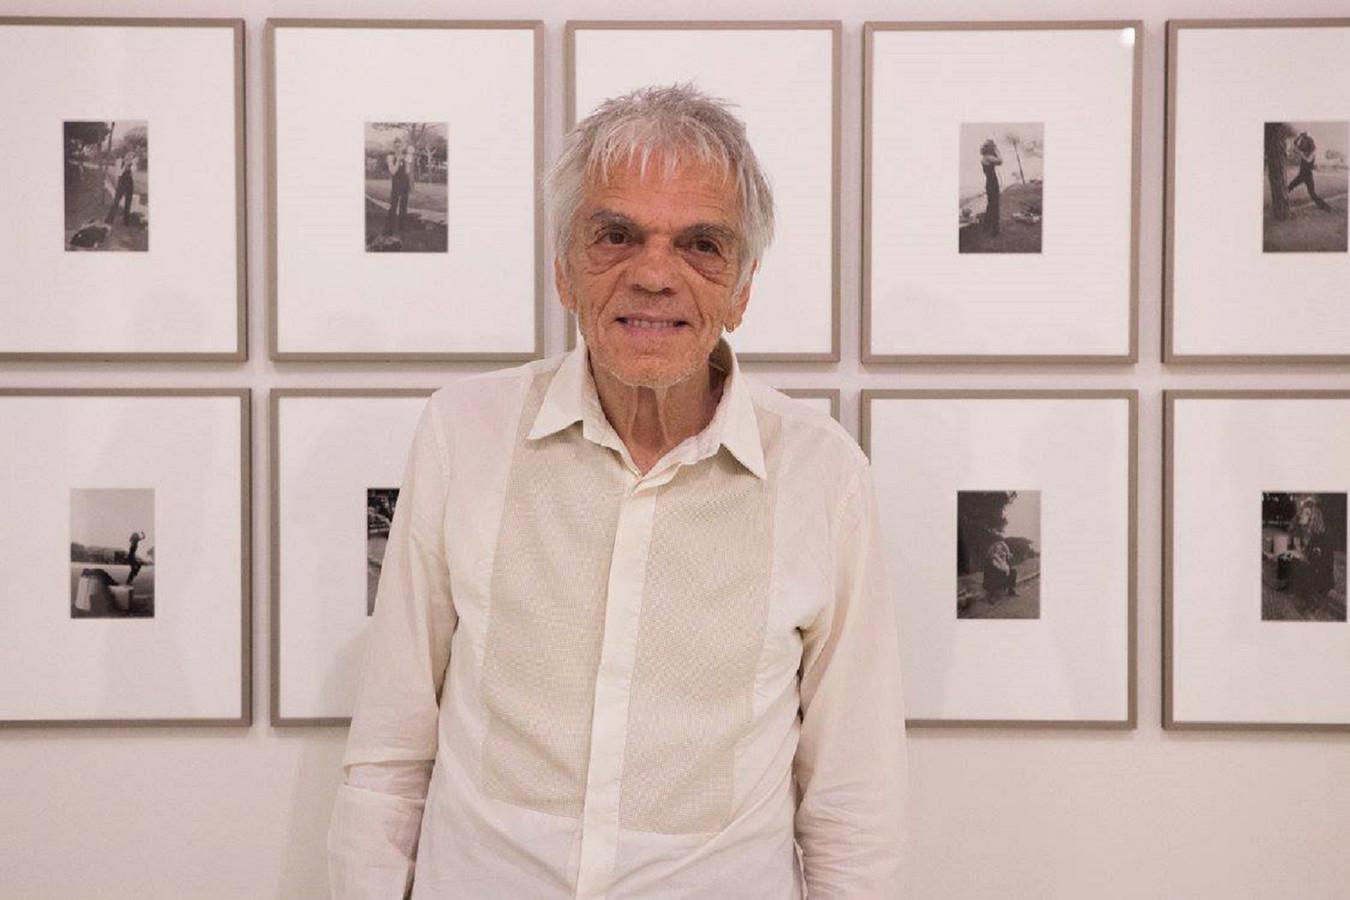 Citaten Van Bekende Kunstenaars : Pop art kunstenaar daan van golden overleden foto ad